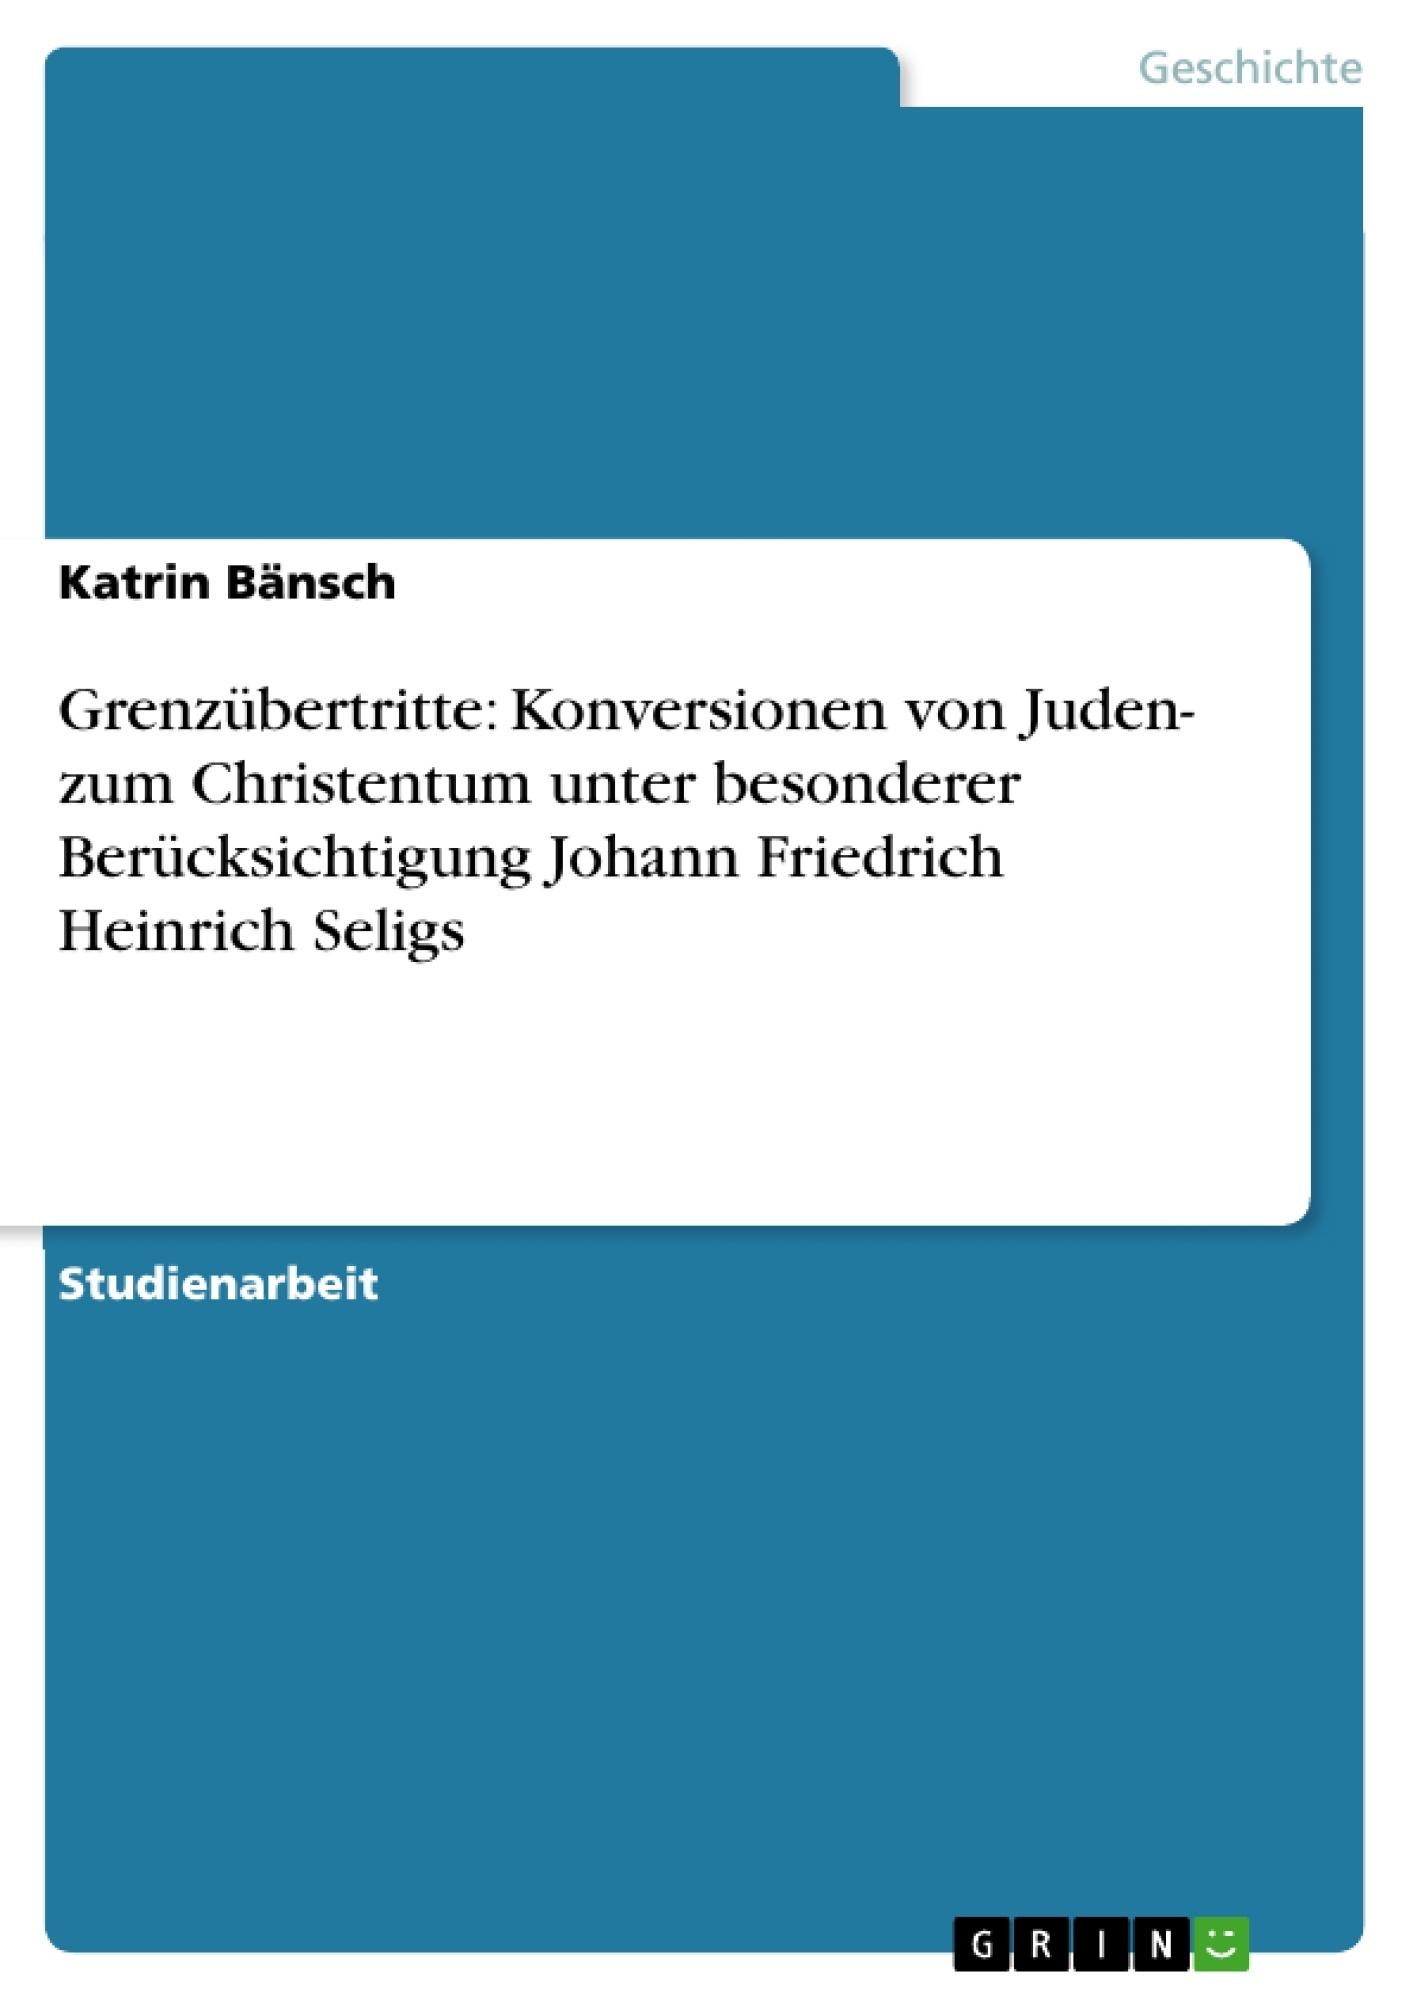 Titel: Grenzübertritte: Konversionen von Juden- zum Christentum unter besonderer Berücksichtigung Johann Friedrich Heinrich Seligs